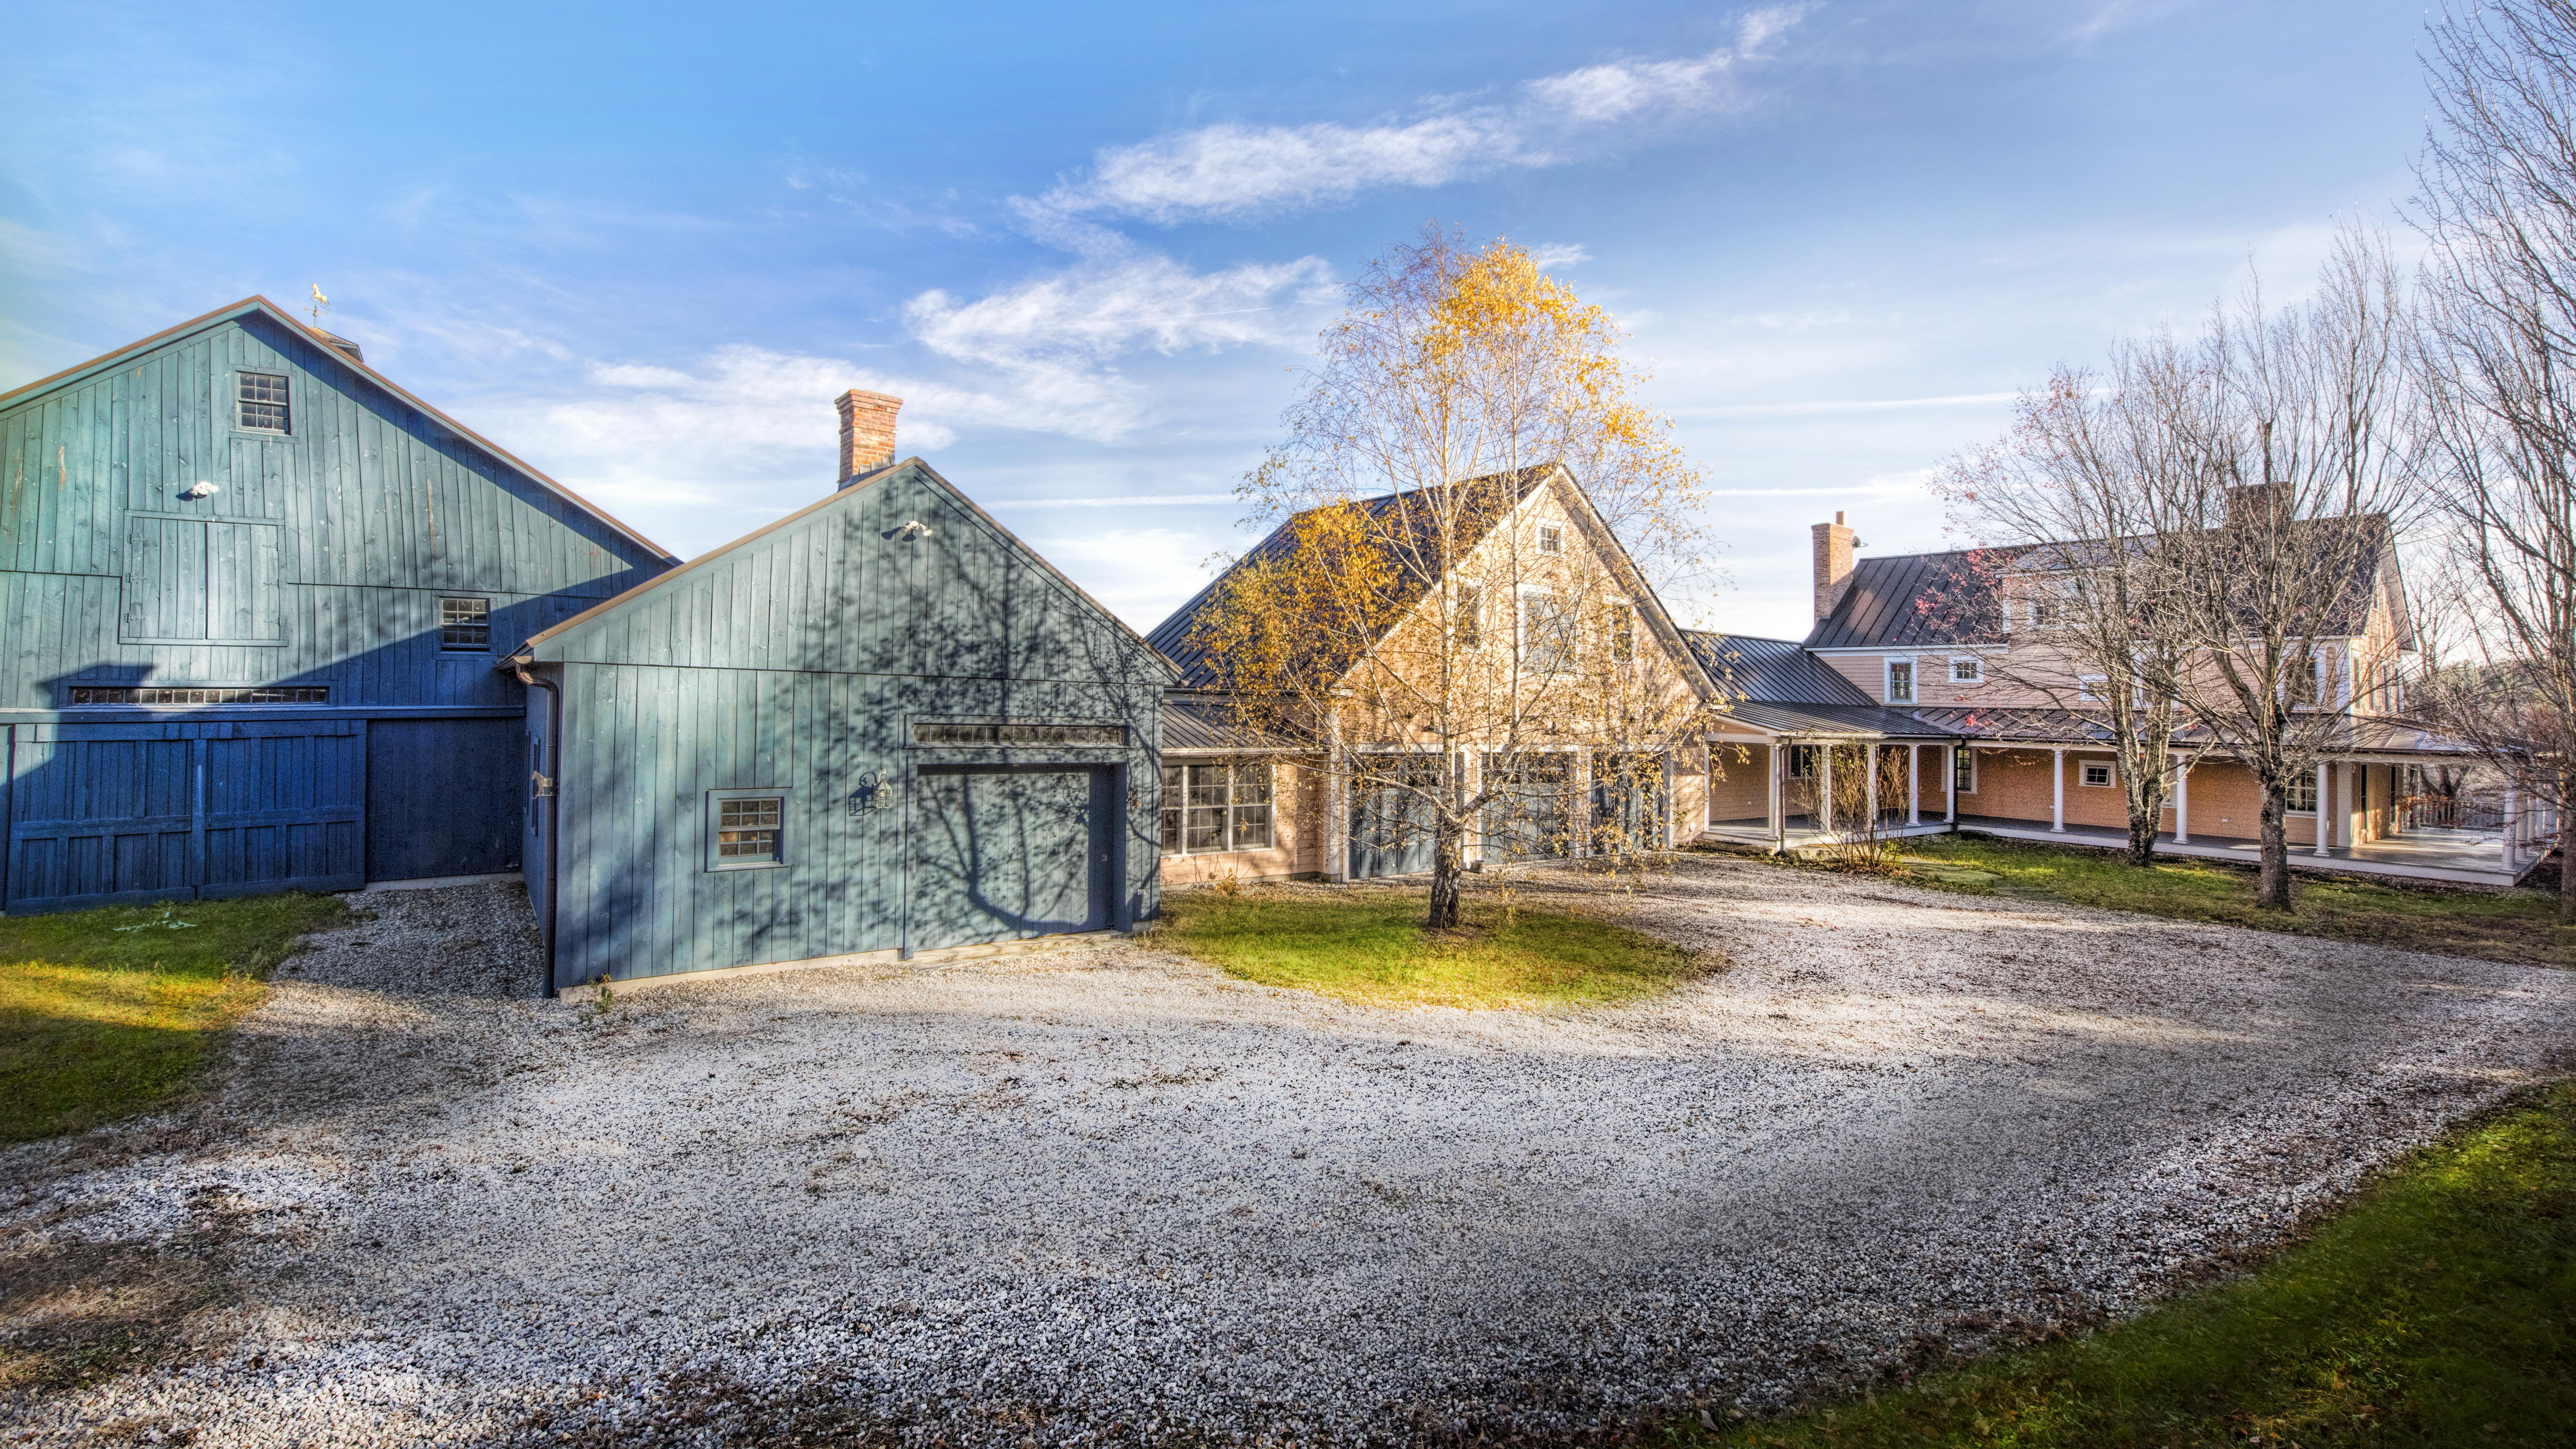 Maison unifamiliale pour l Vente à Outstanding 103 Acre Horse Farm with Many Terrific Features 92 North Rd Chesterfield, Massachusetts, 01012 États-Unis